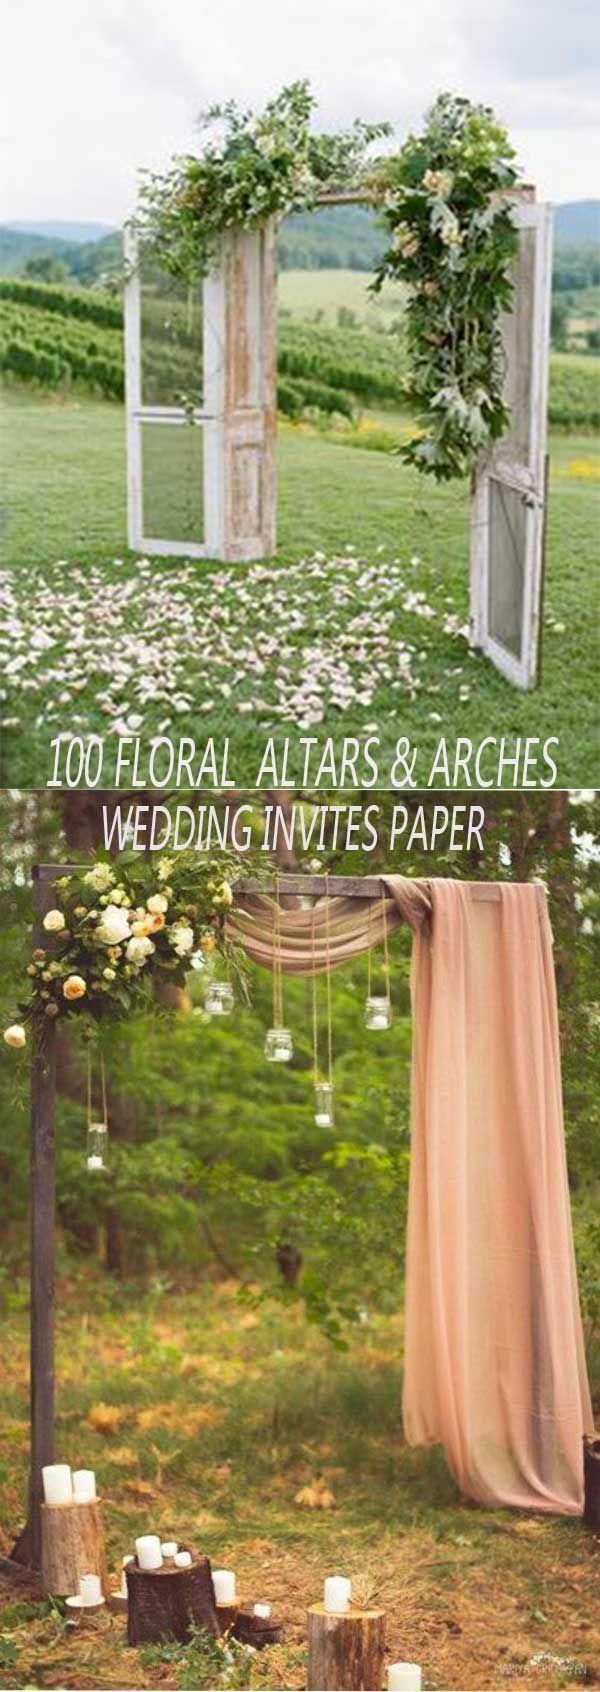 Wedding decor ideas 2018   BEST FLORAL RUSTIC WEDDING ALTARS u ARCHES DECORATING IDEAS FOR